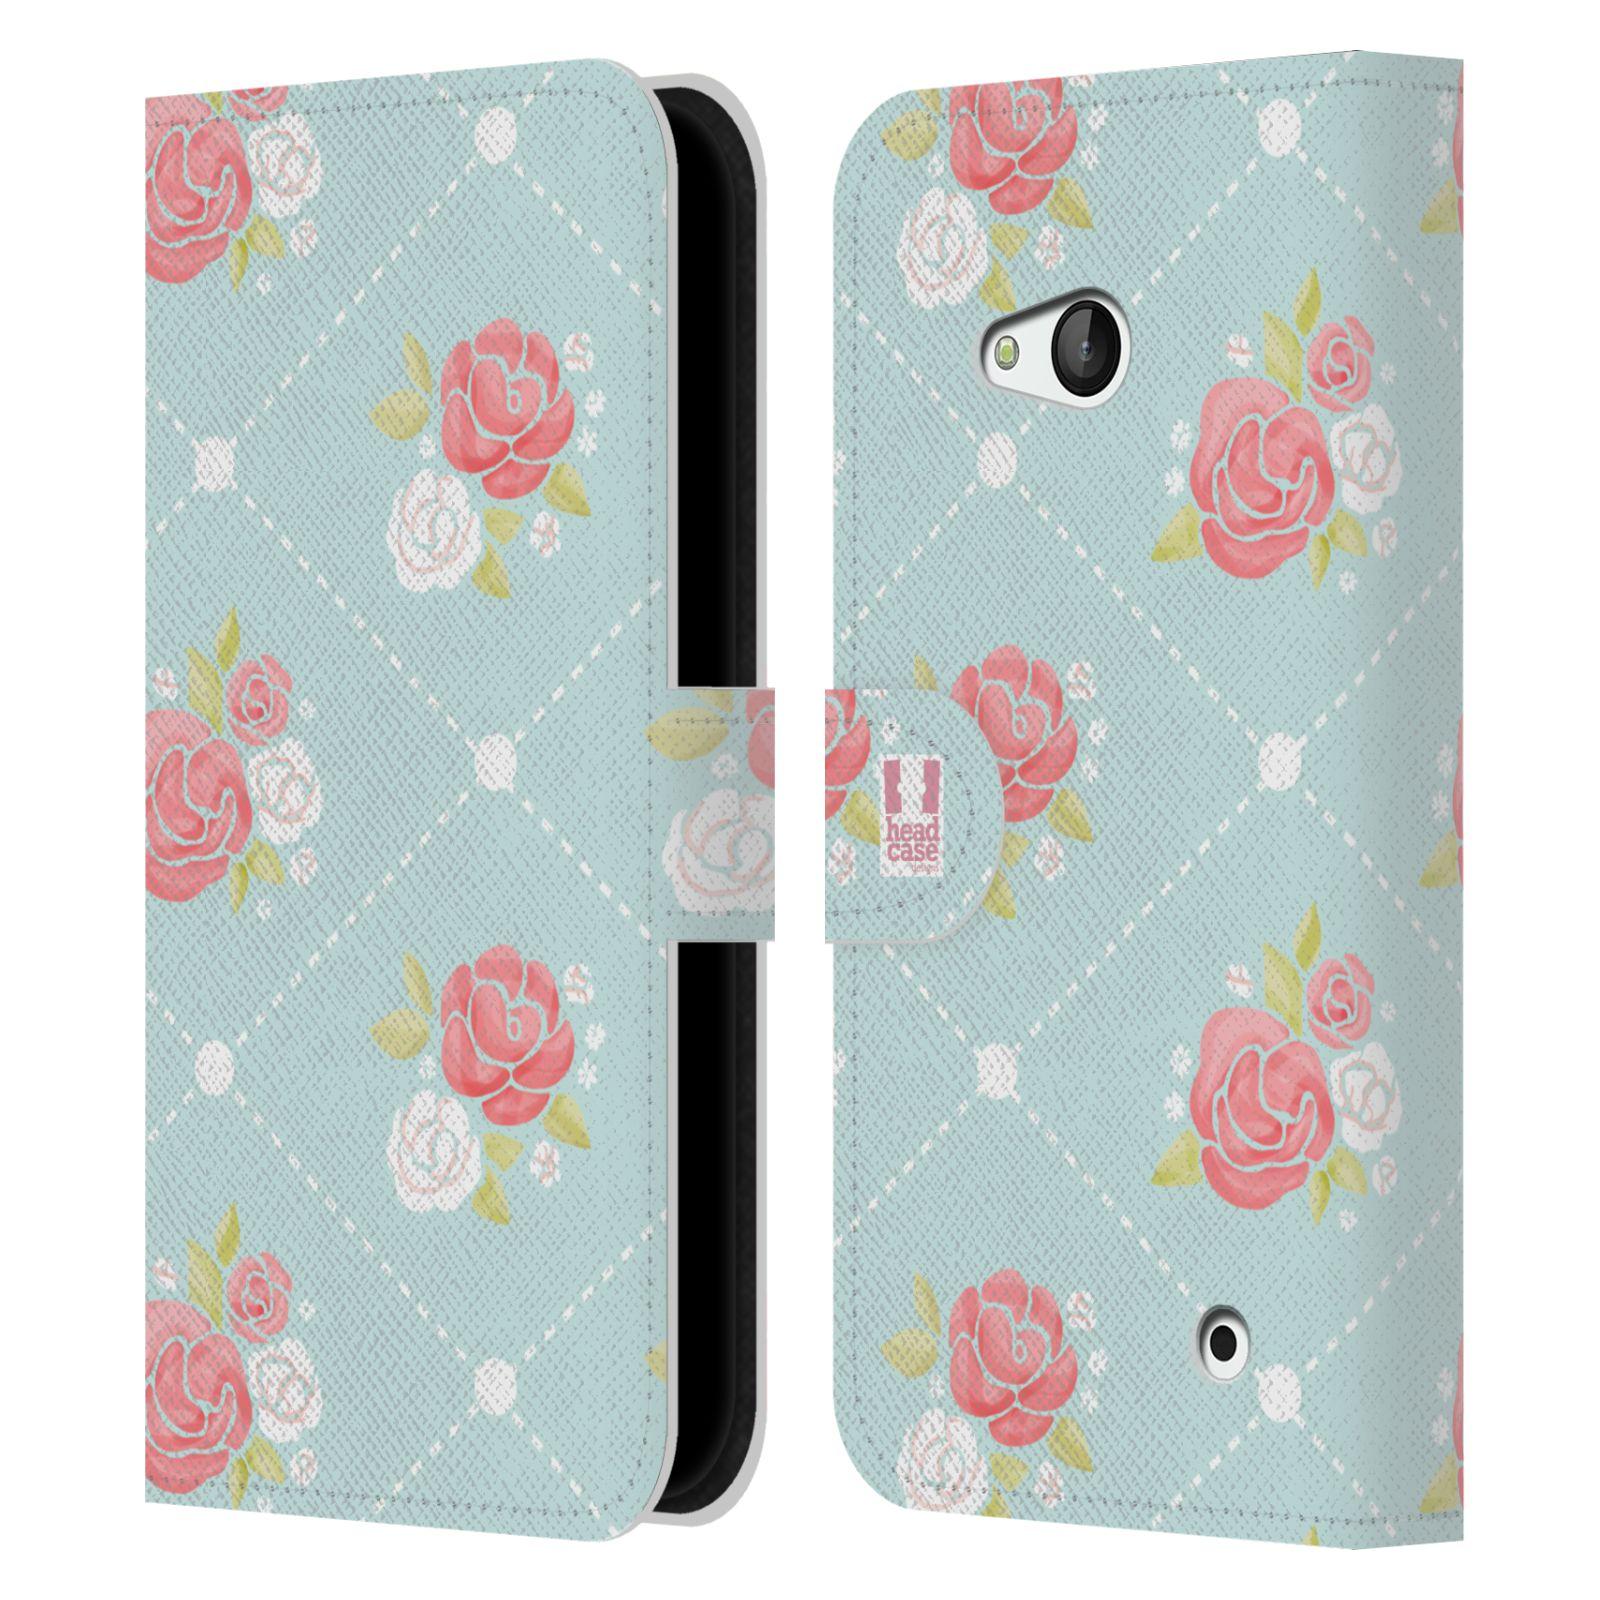 HEAD CASE Flipové pouzdro pro mobil NOKIA / MICROSOFT LUMIA 640 / LUMIA 640 DUAL Francouzský venkov malé růže modrá